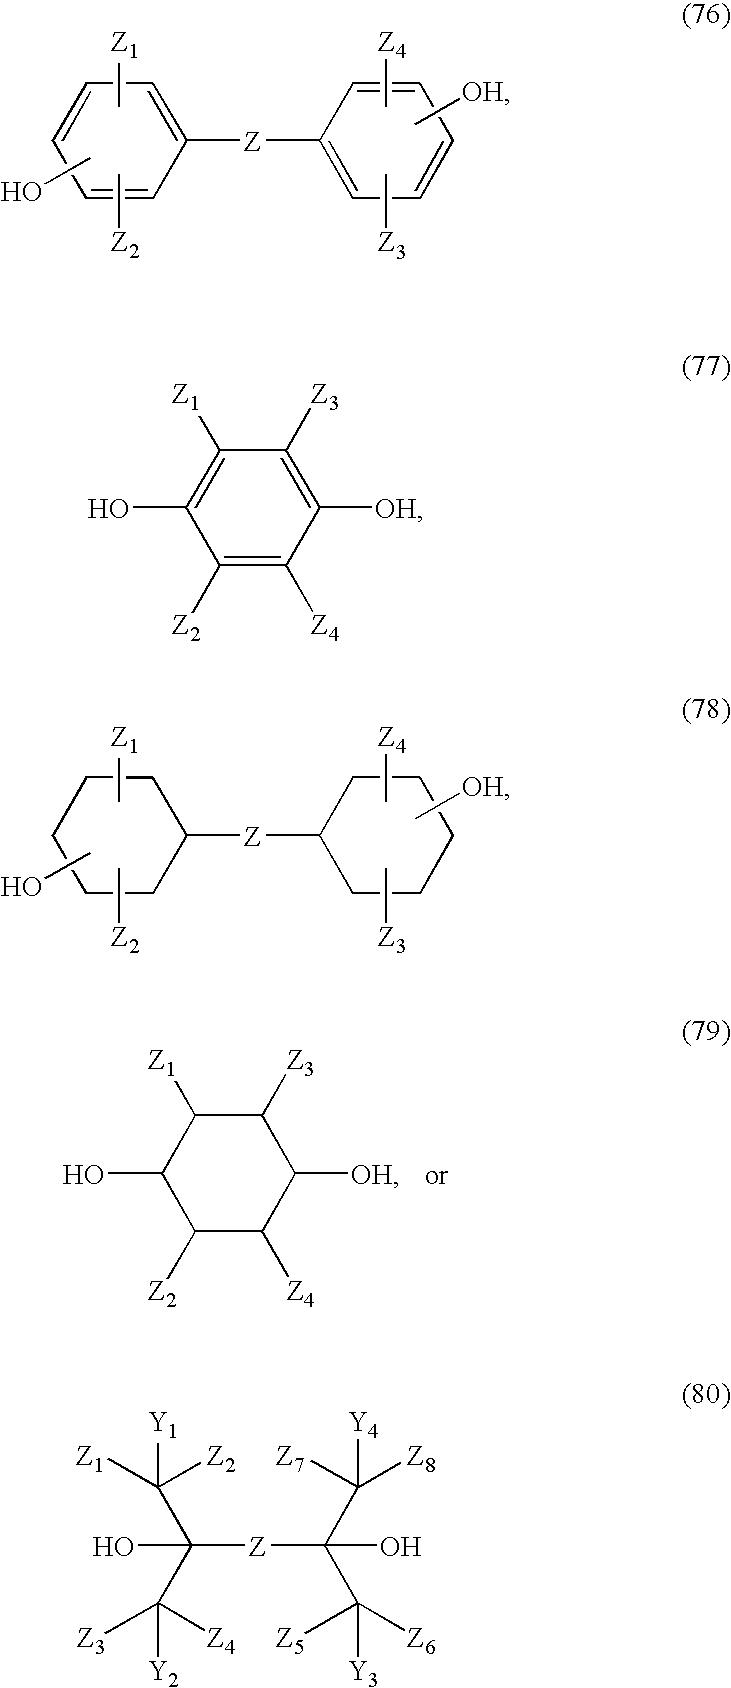 Figure US20040220377A1-20041104-C00046